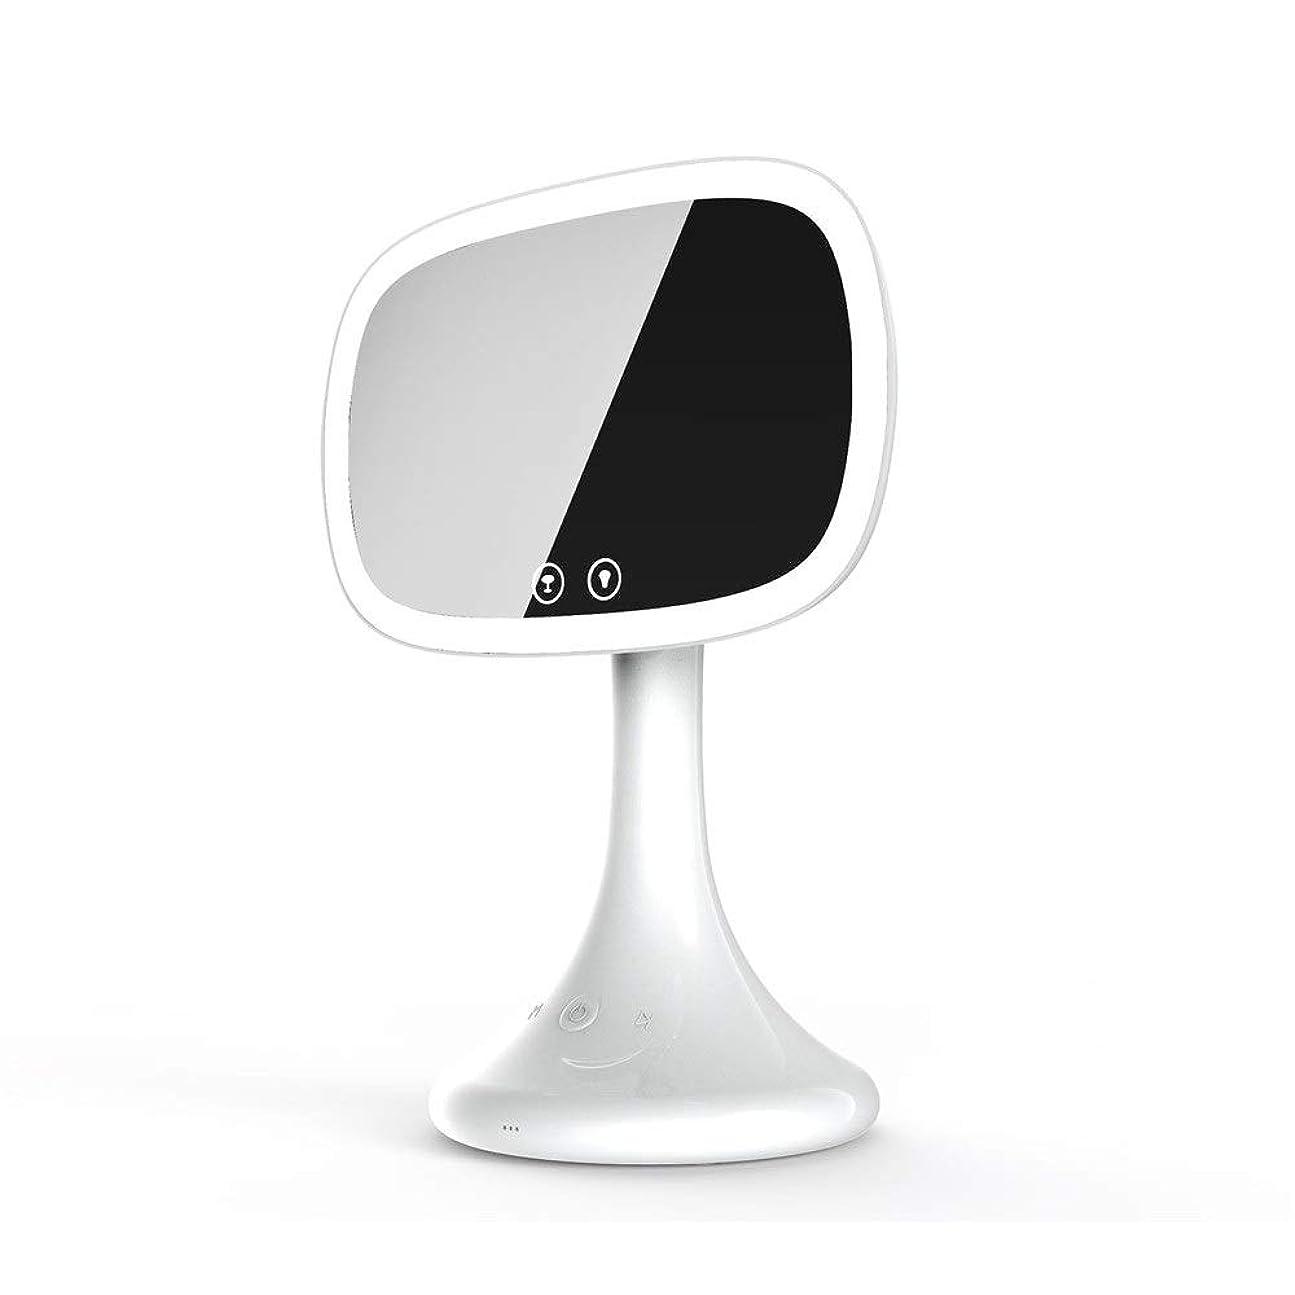 食べる話決定的化粧鏡 Ledブルートゥース化粧虚栄心ミラー付き10倍拡大鏡タッチスクリーン調光対応カウンター化粧鏡テーブルランプフィルライトナイトライト 化粧鏡 化粧ミラー (色 : 白, サイズ : ワンサイズ)